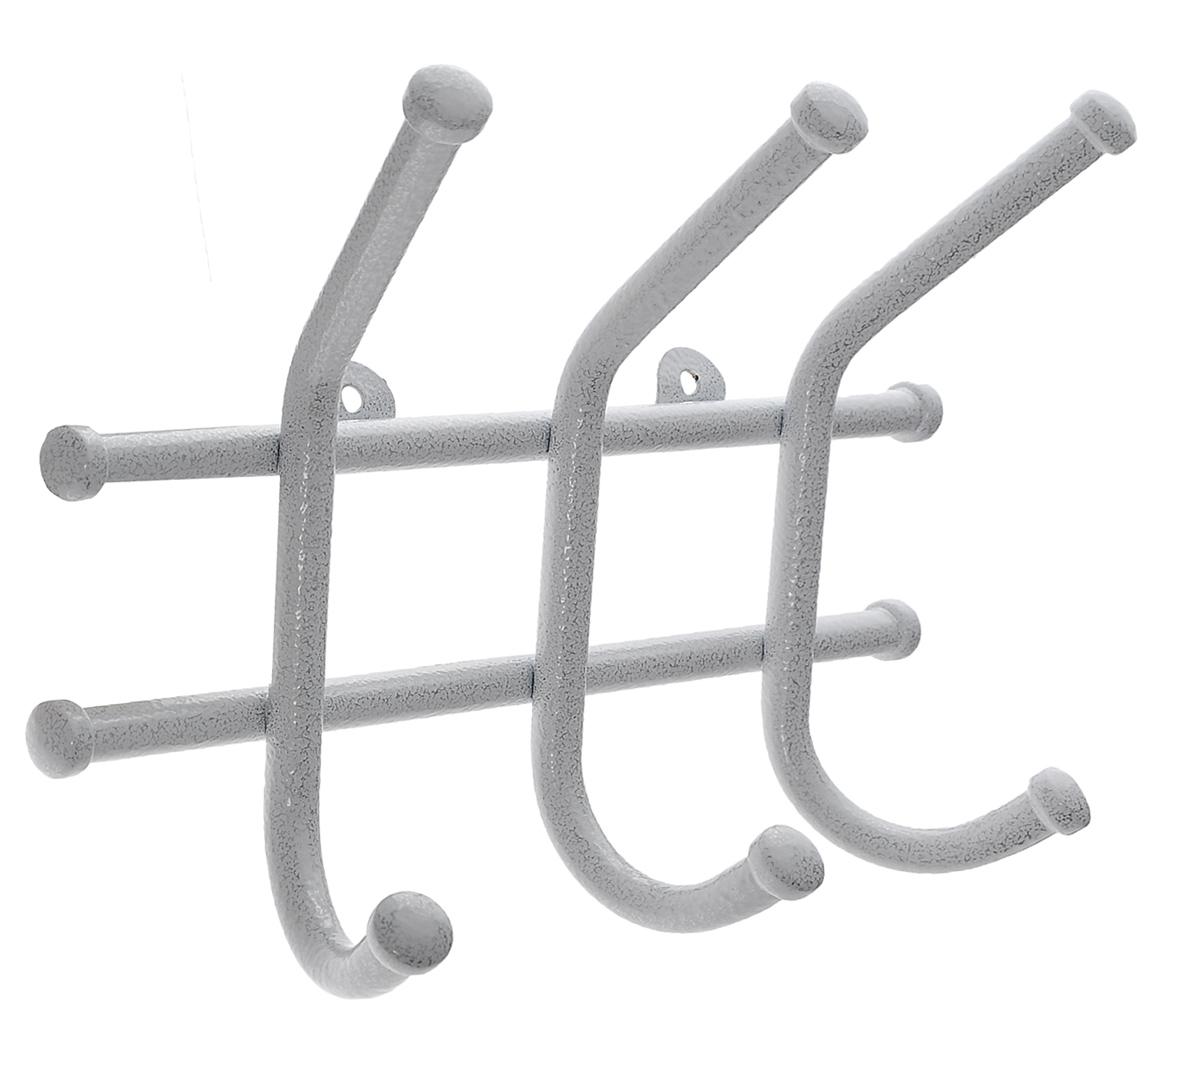 Вешалка настенная ЗМИ Норма 3, цвет: белый, 3 крючкаВН 64_белыйНастенная вешалка ЗМИ Норма 3 изготовлена из прочного металла с полимерным покрытием. Изделие оснащено 4 крючками для одежды. Вешалка крепится к стене при помощи двух шурупов (не входят в комплект). Вешалка ЗМИ Норма 3 идеально подходит для маленьких прихожих и ограниченных пространств.